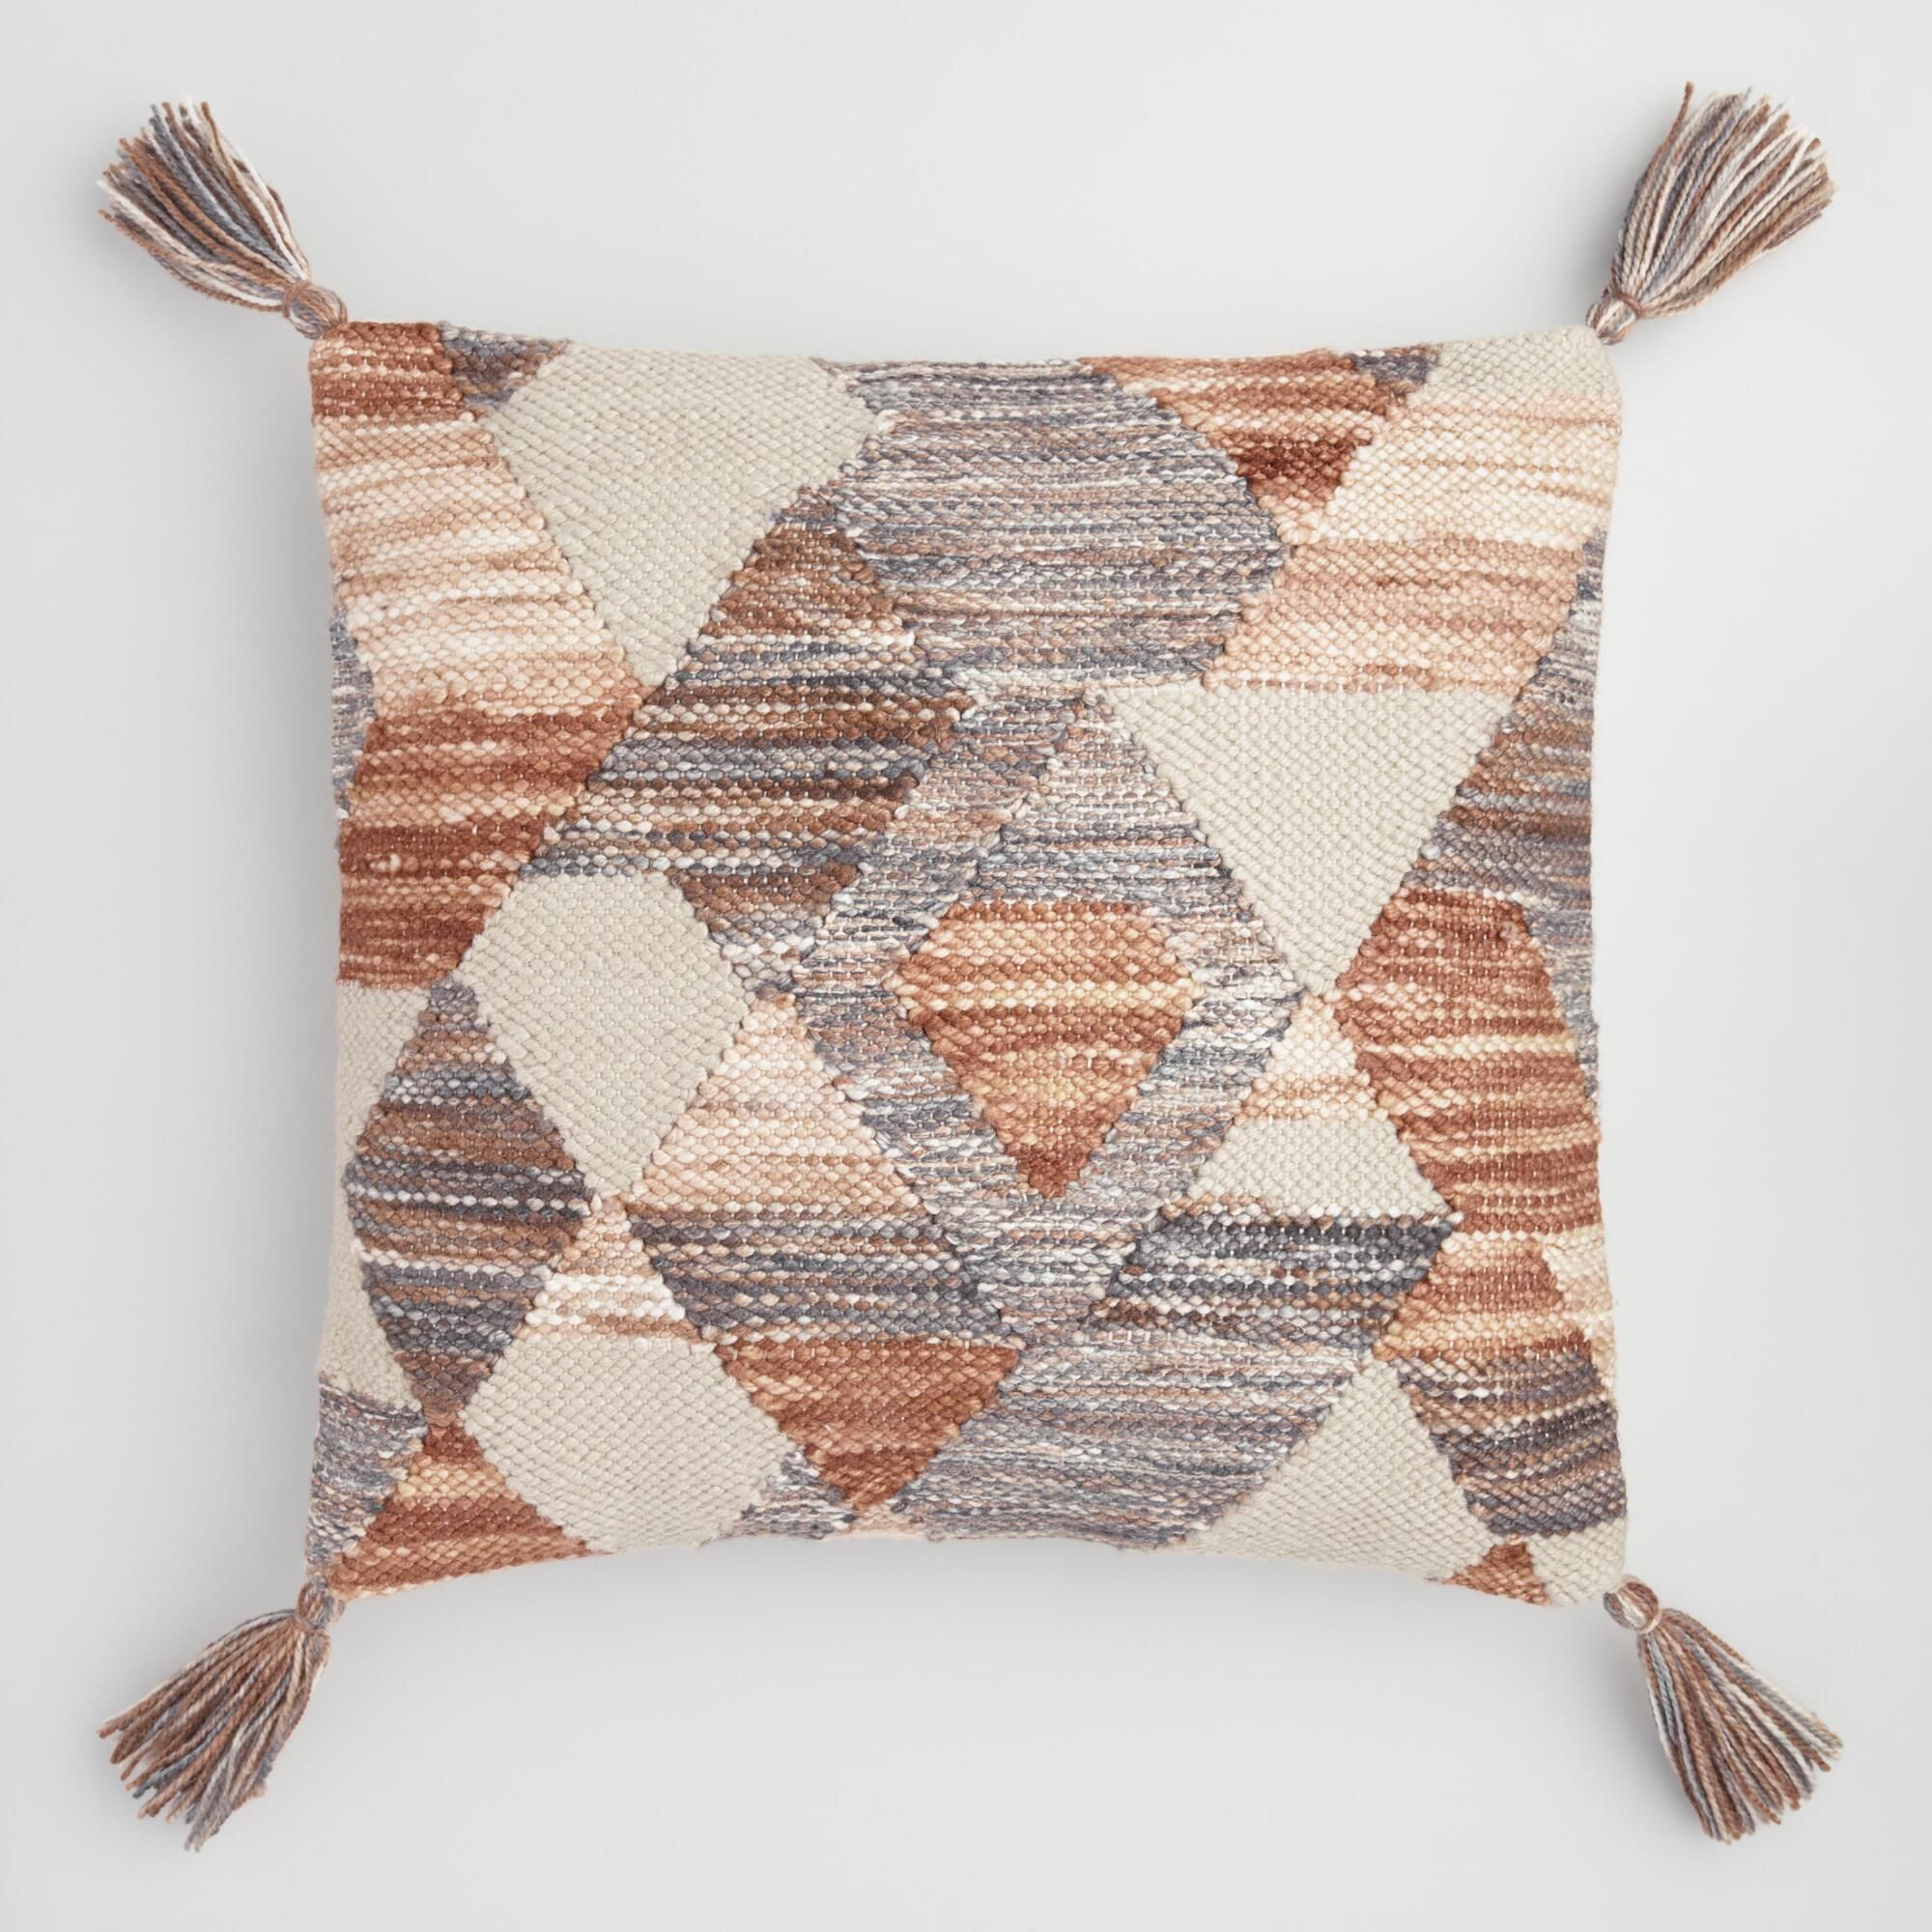 Geometric Desert Woven Indoor Outdoor Patio Throw Pillow Brown